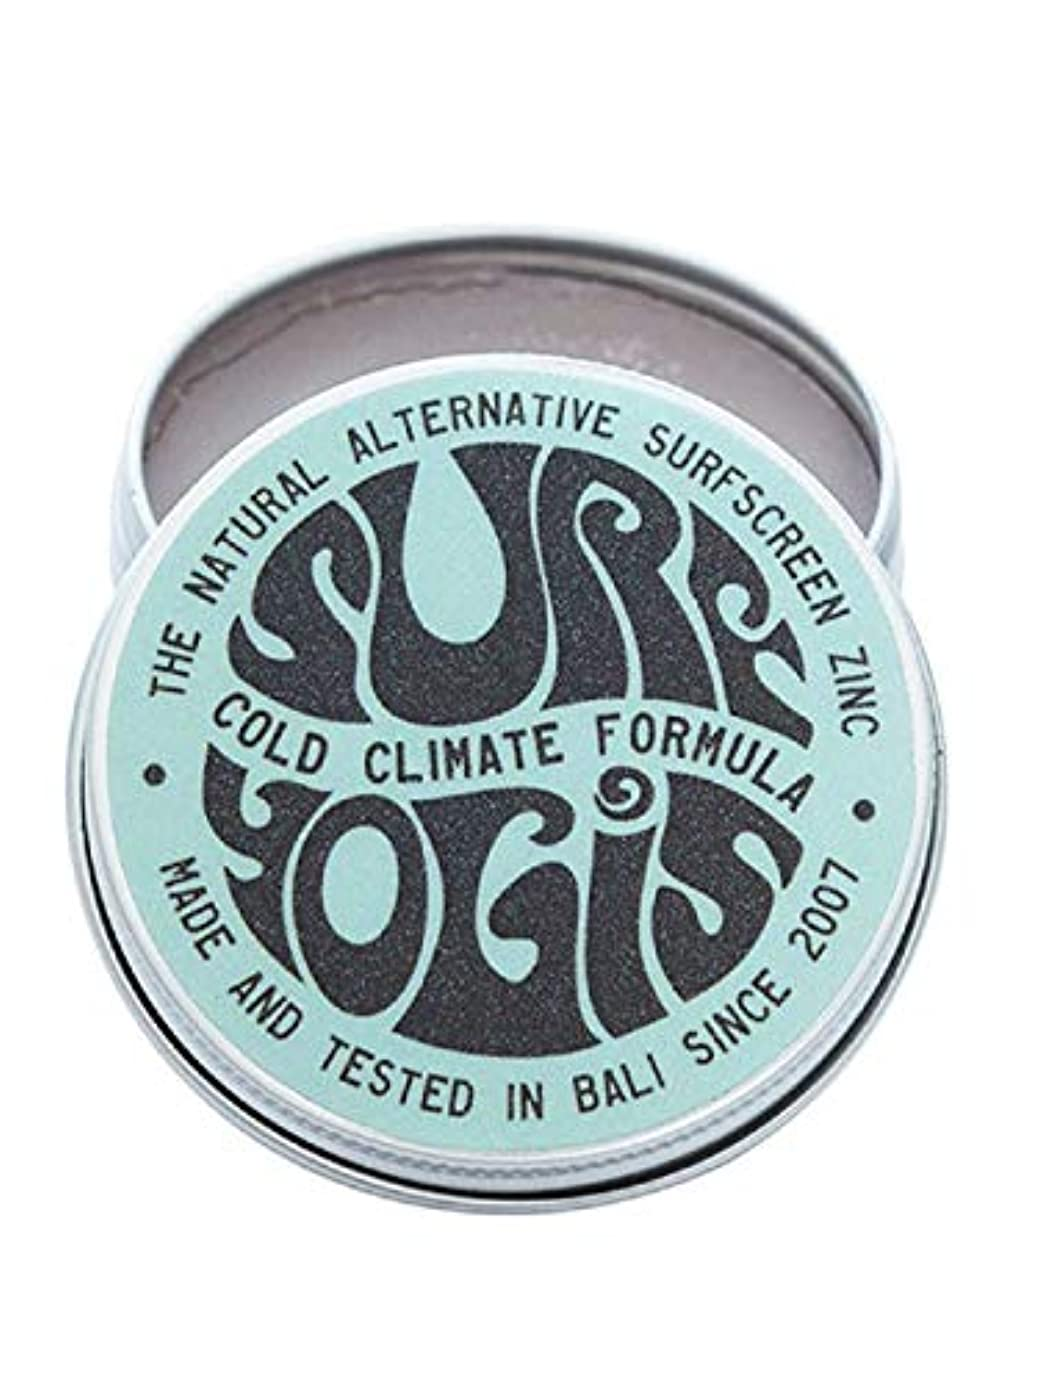 用量視聴者コントロールSURF YOGIS(サーフヨギ) ナチュラルサーフスクリーン COLD CLIMATE FORMULA フォーミュラ 冬用 柔らかめ 日焼け止め オーガニック素材 60g SPF50 ノンケミカル